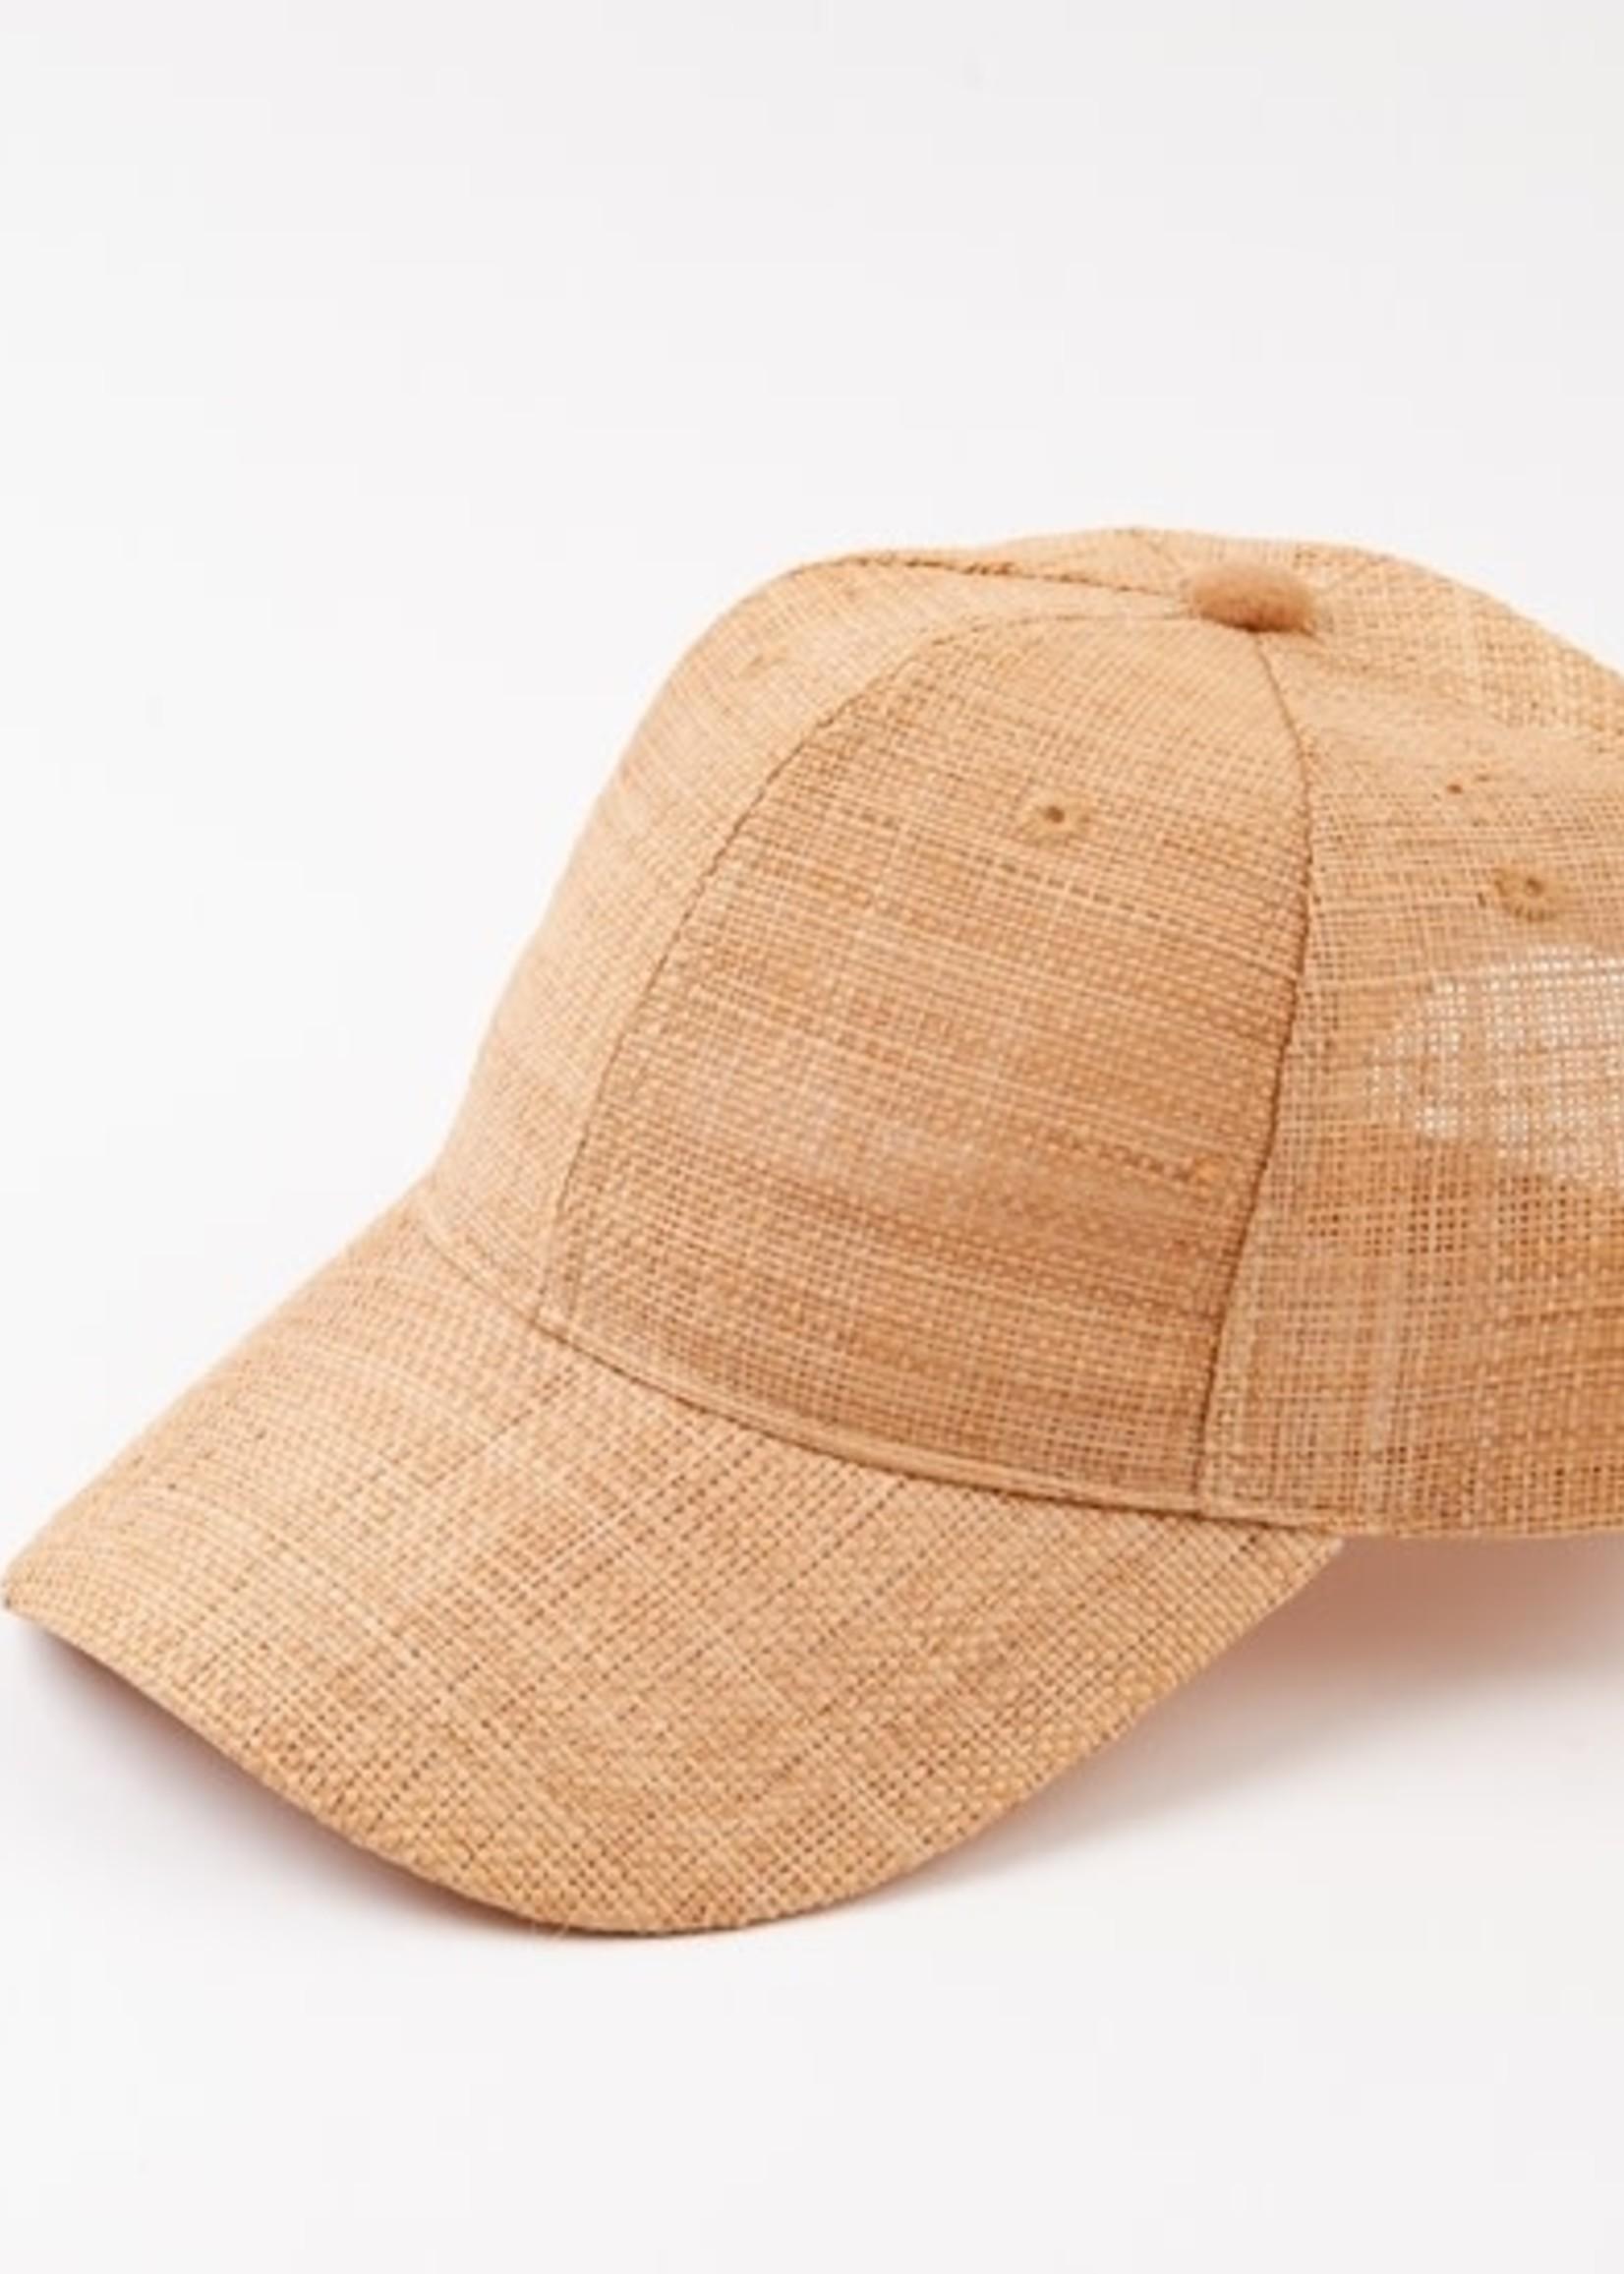 Lucca Couture NAMJE BB CAP - RAFFIA NATURAL